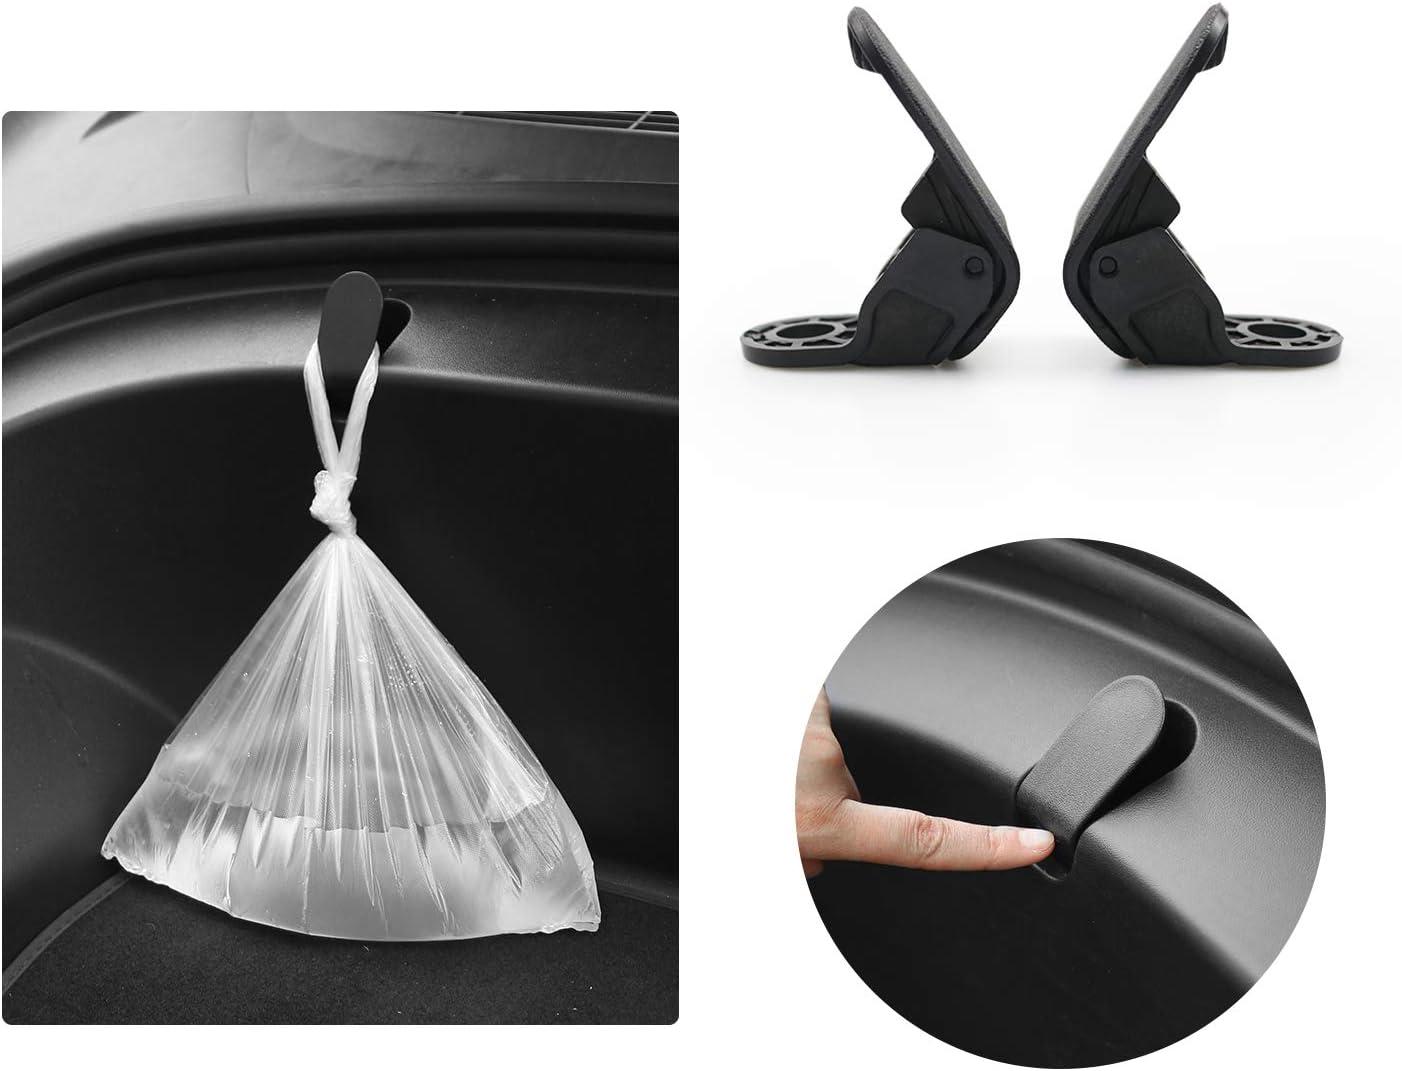 Front Trunk Bag Hooks for 2020 Tesla Model 3 Frunk Hooks Clip Bolt Covers Grocery Bag Cargo Hook Cover 2PCS